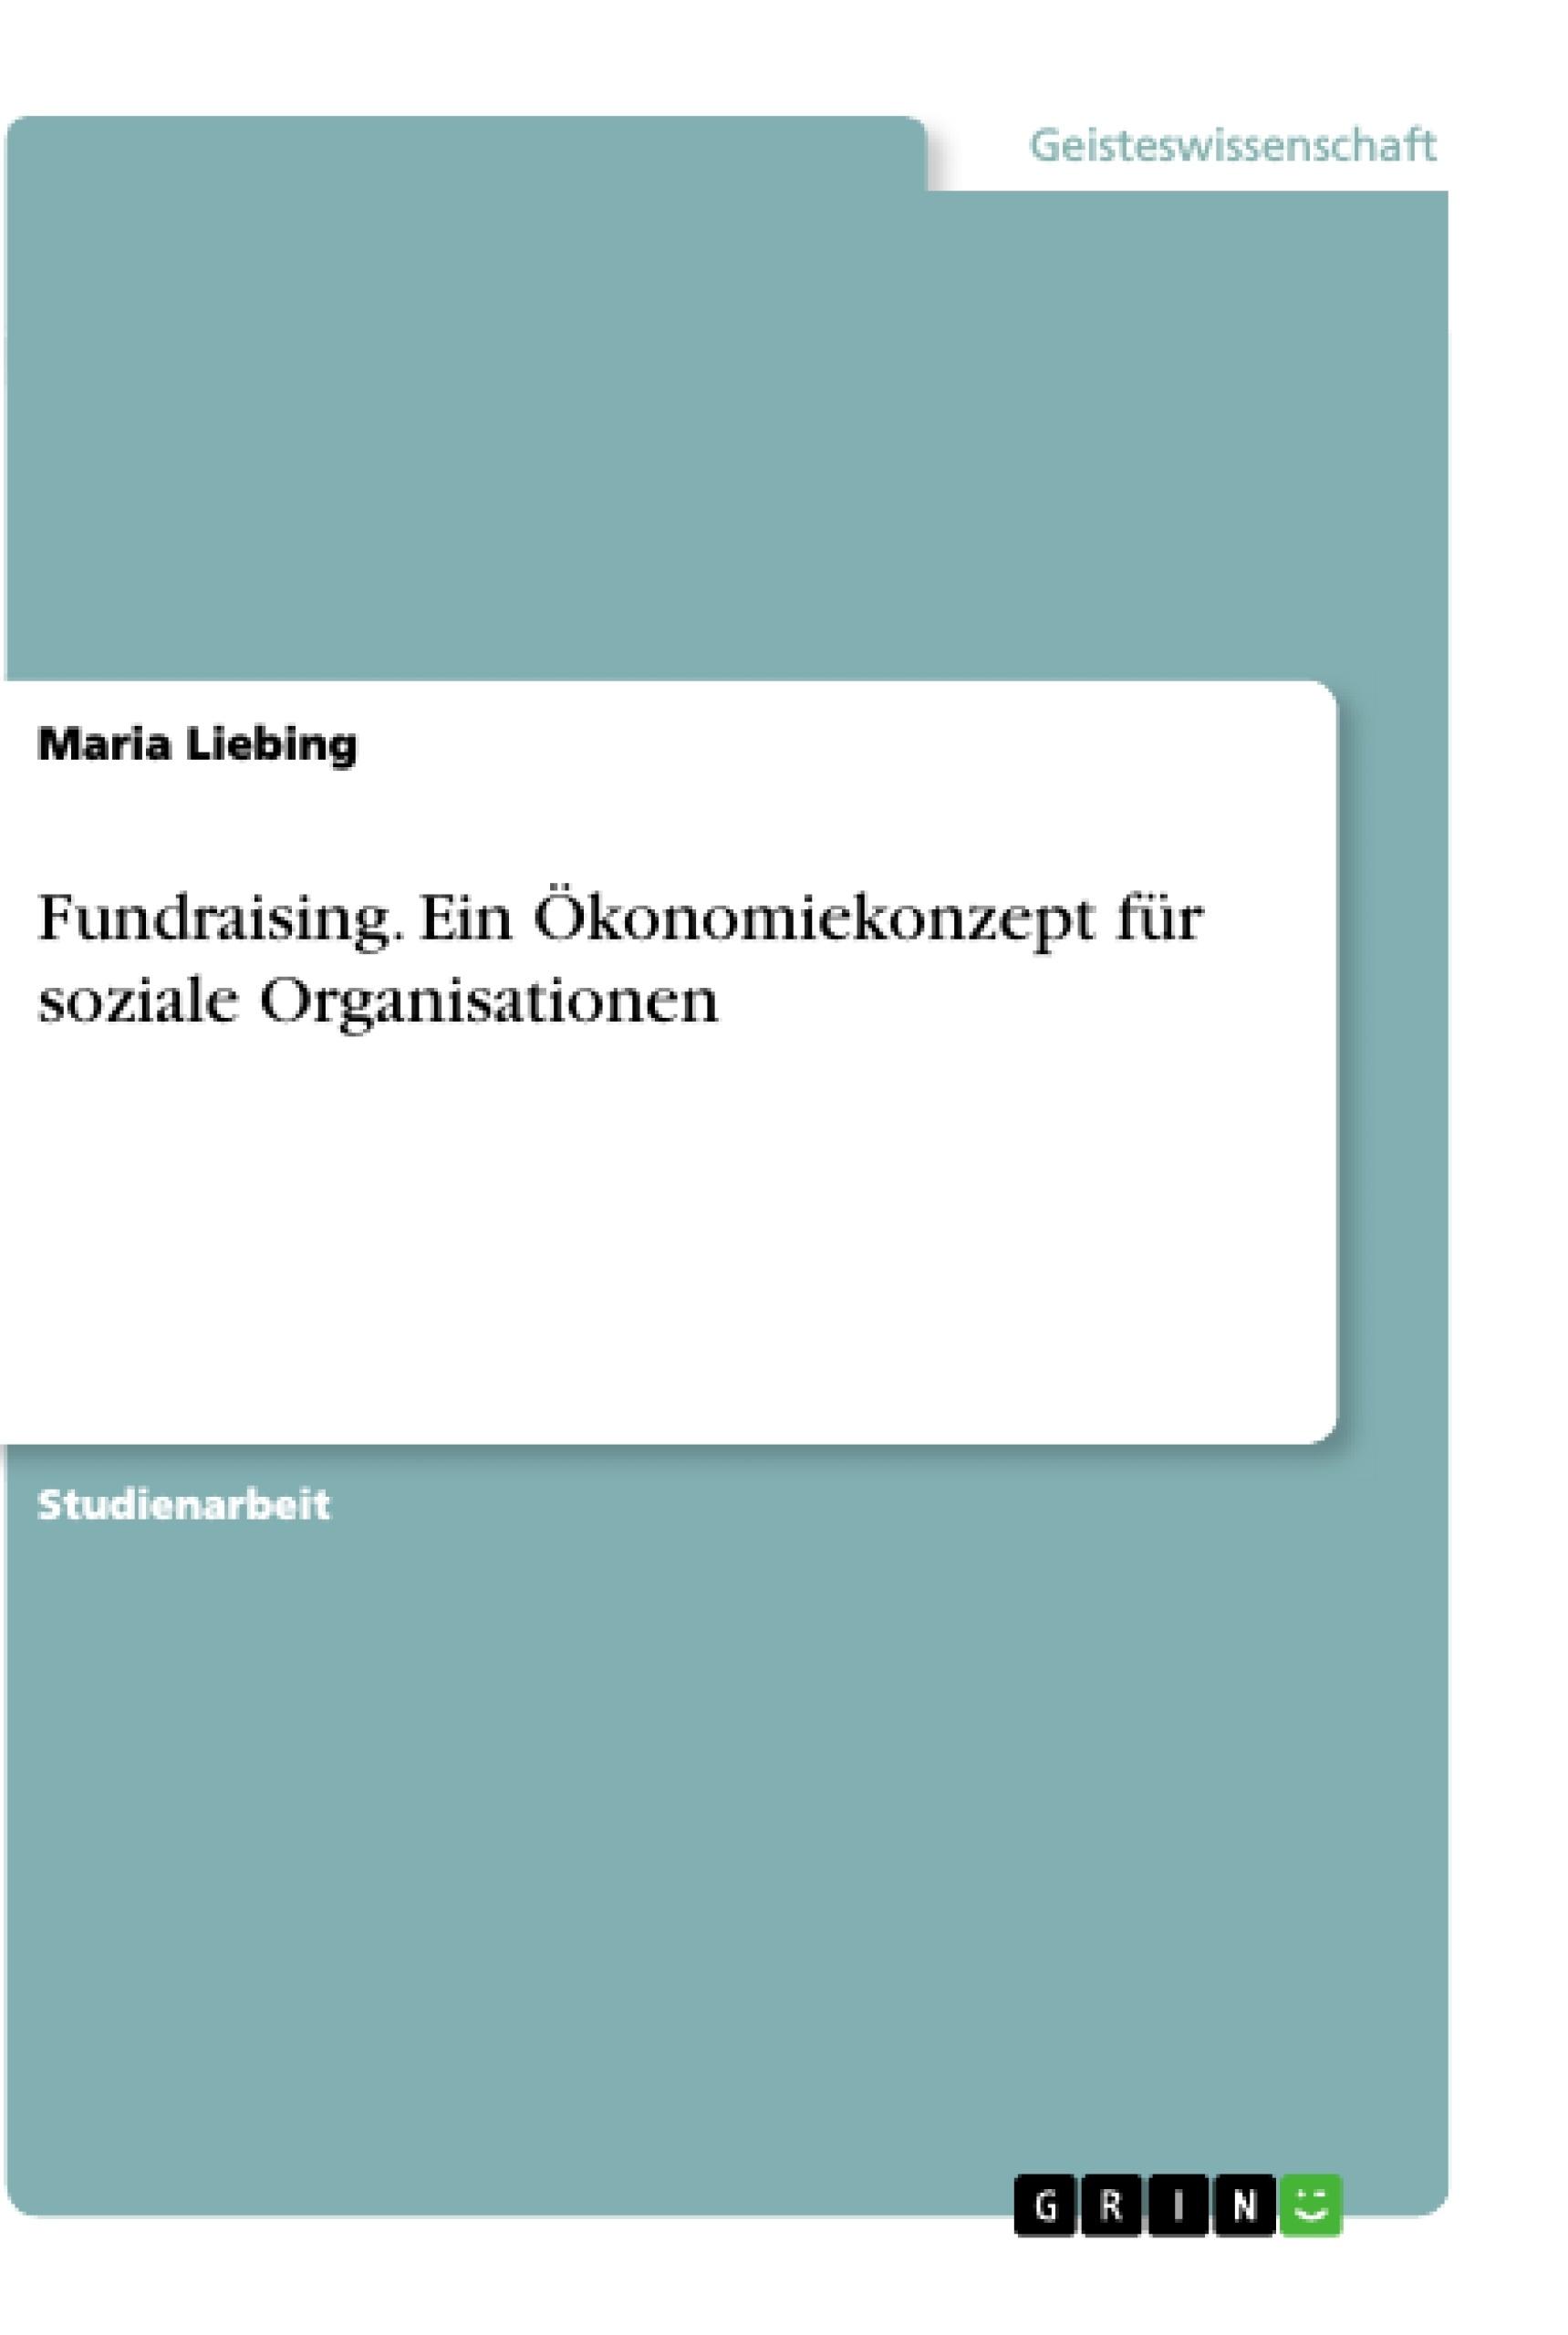 Titel: Fundraising. Ein Ökonomiekonzept für soziale Organisationen